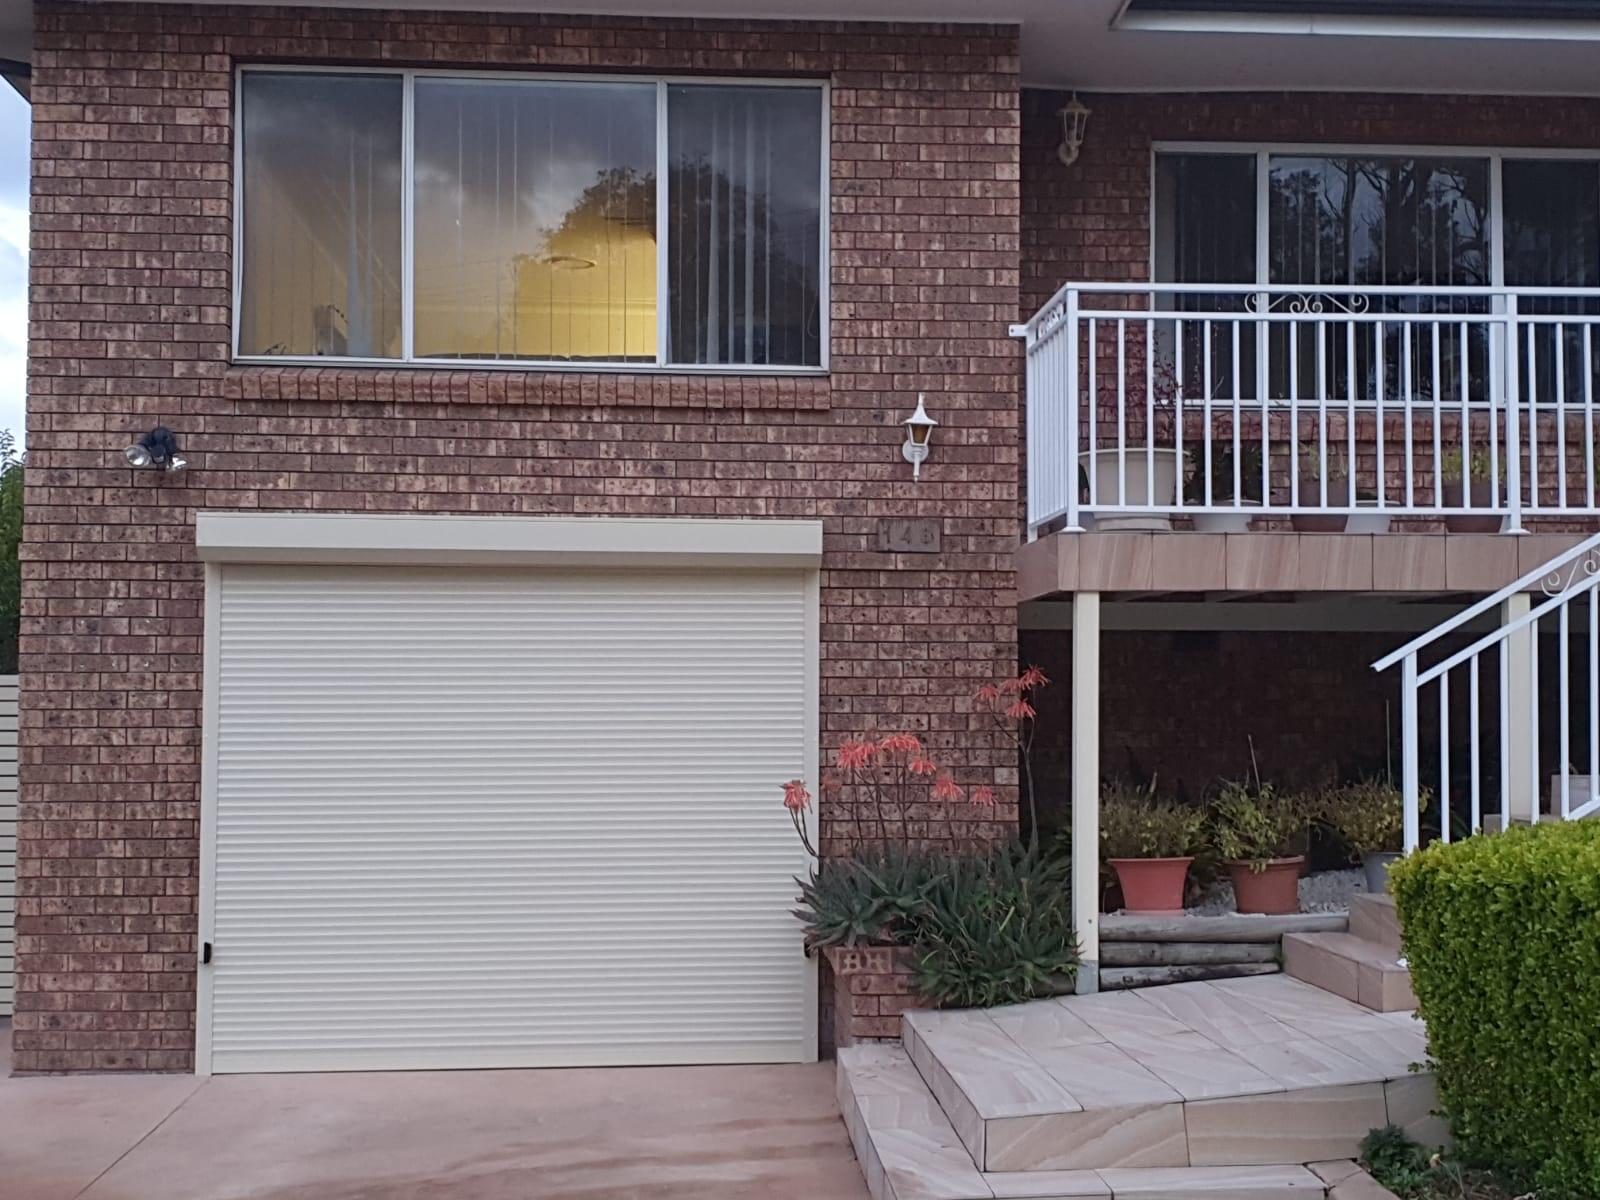 Modern White Roller Shutters Residential - Roller Shutter People